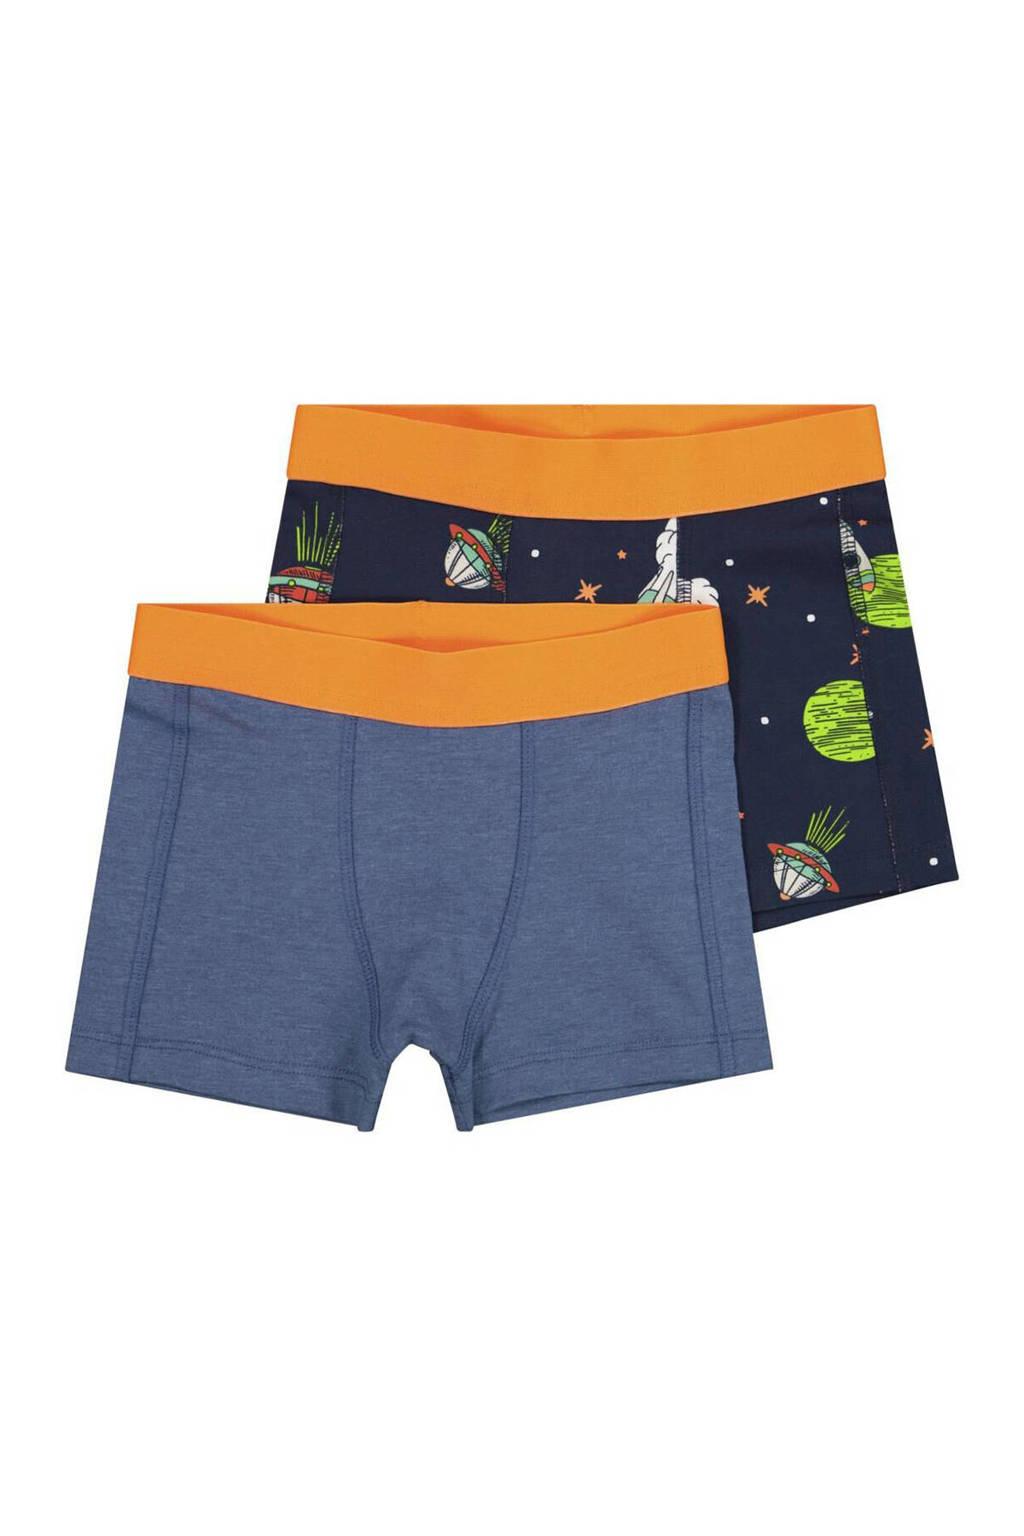 HEMA   boxershort - set van 2 space blauw, Blauw